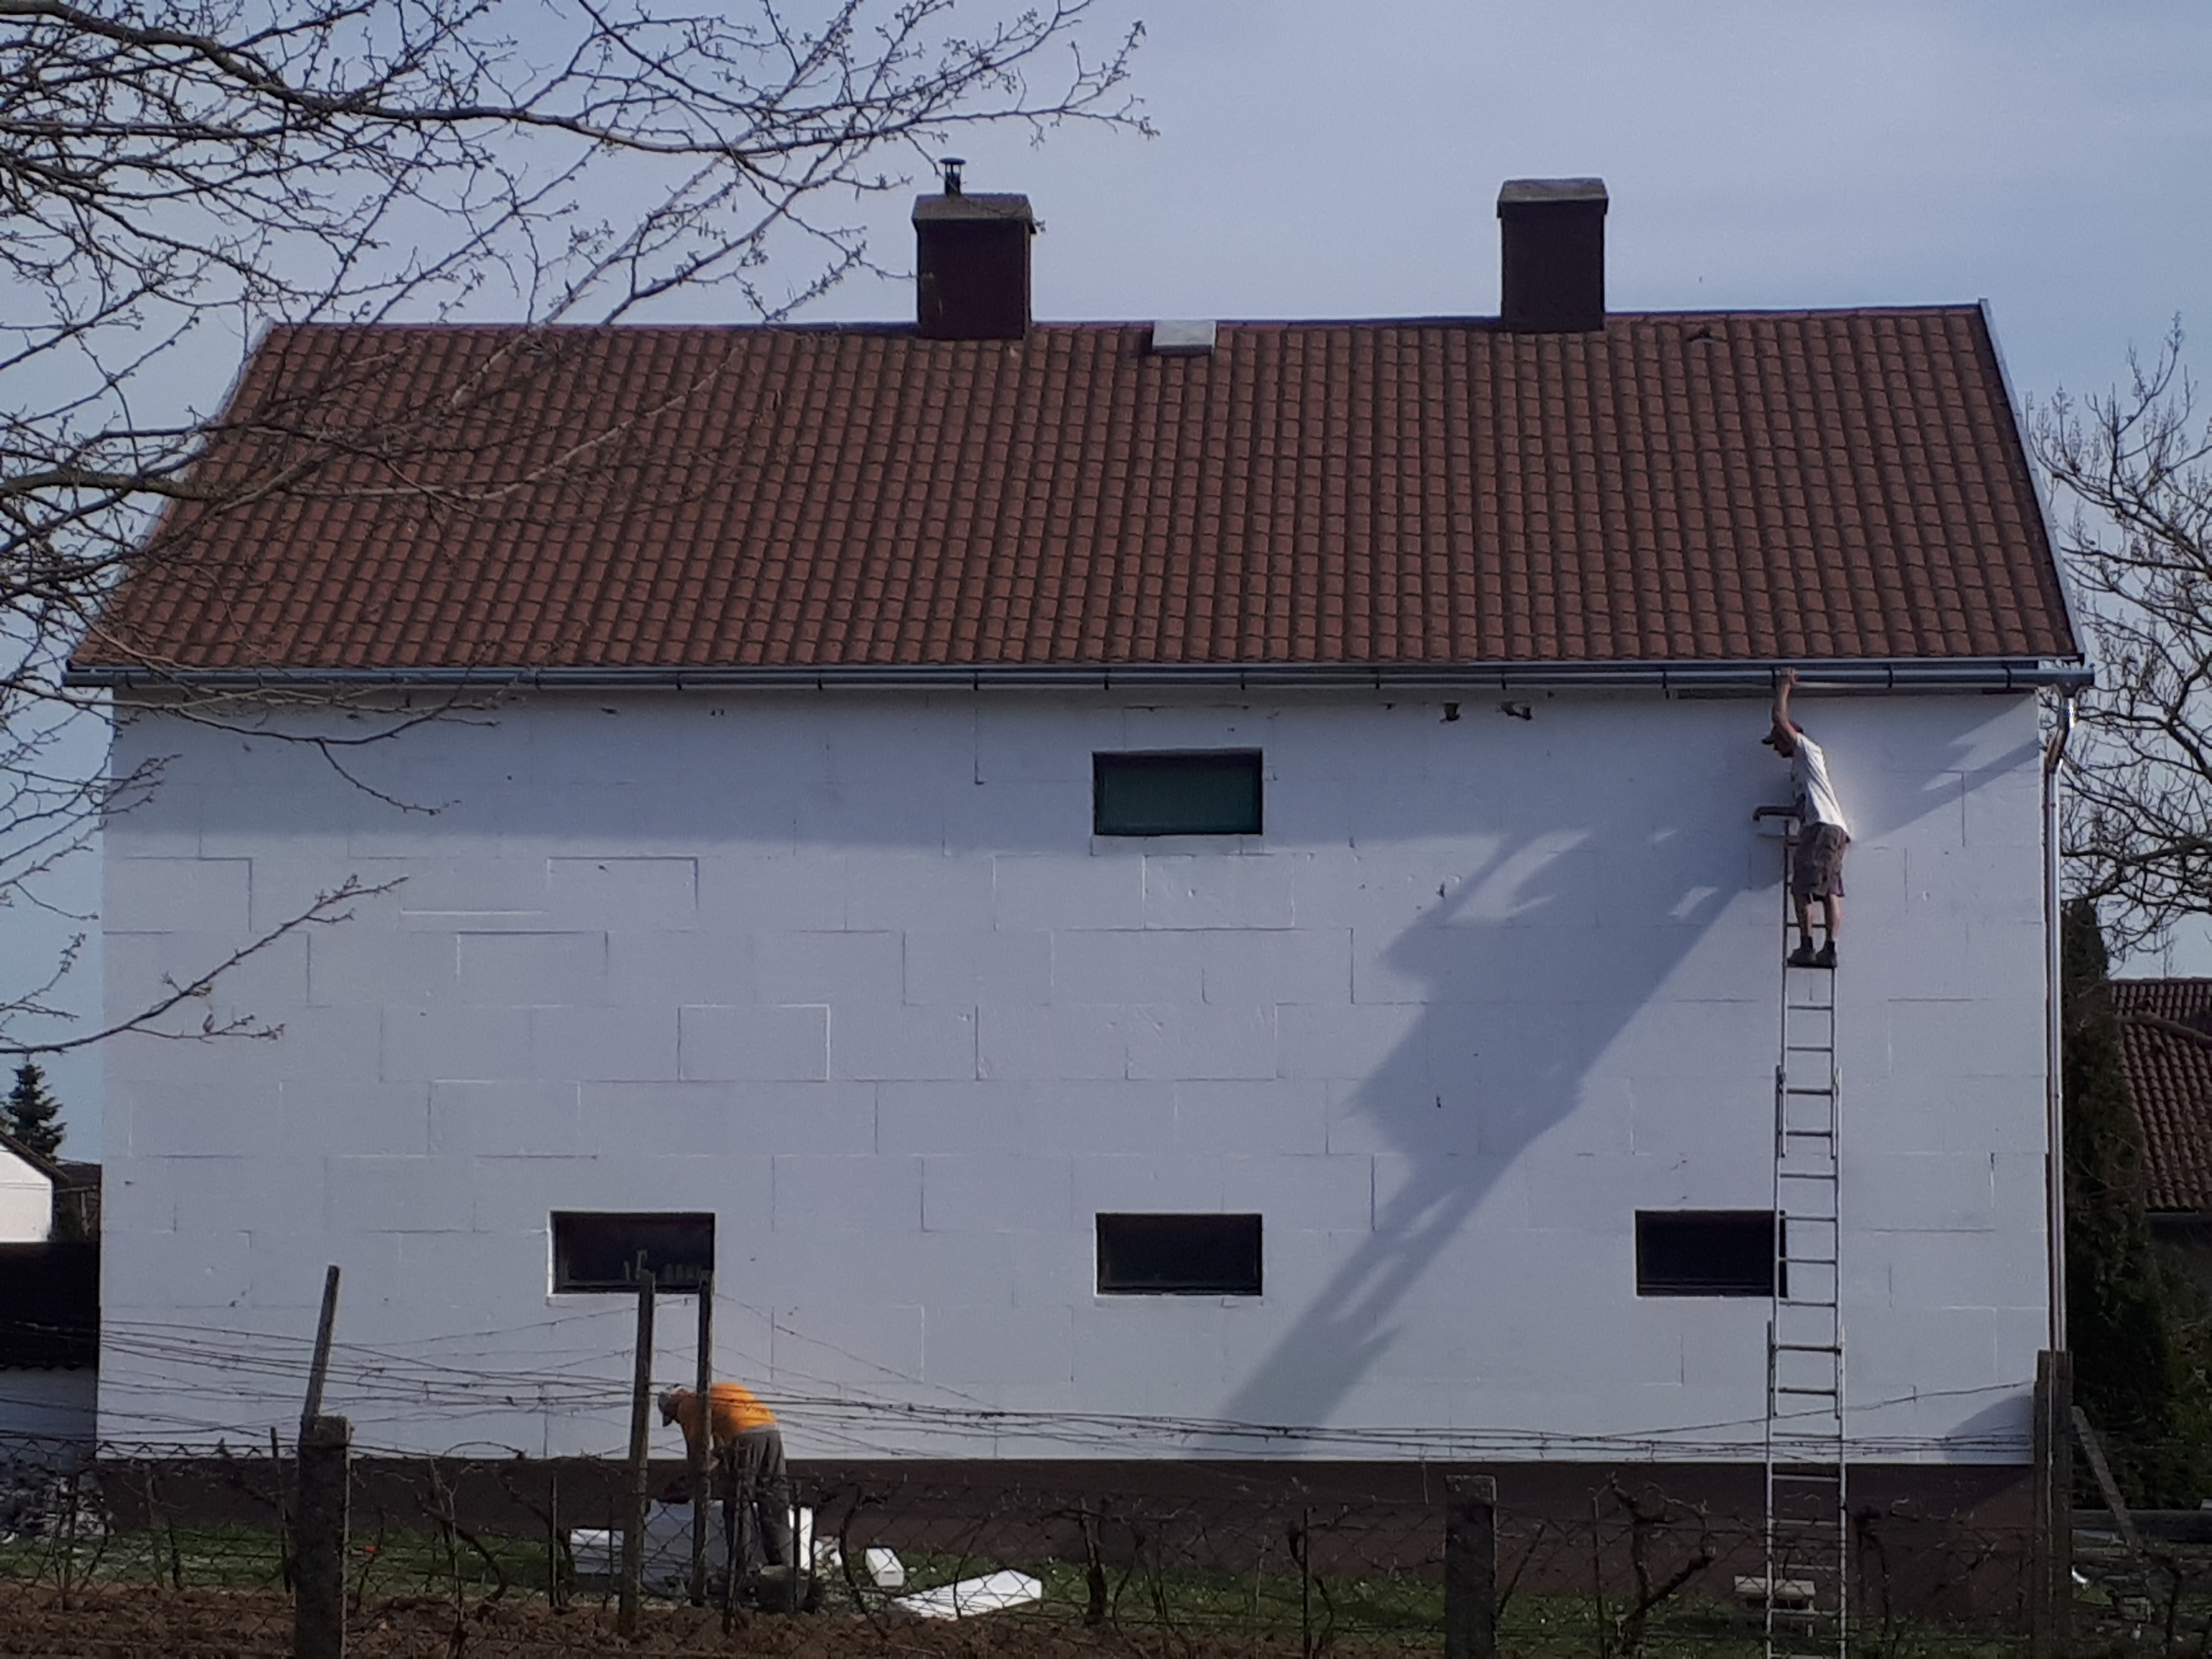 Palatető felújítás Kőröshegy, palatető szigetelés KőröshegyCsaládi ház palatető felújítása